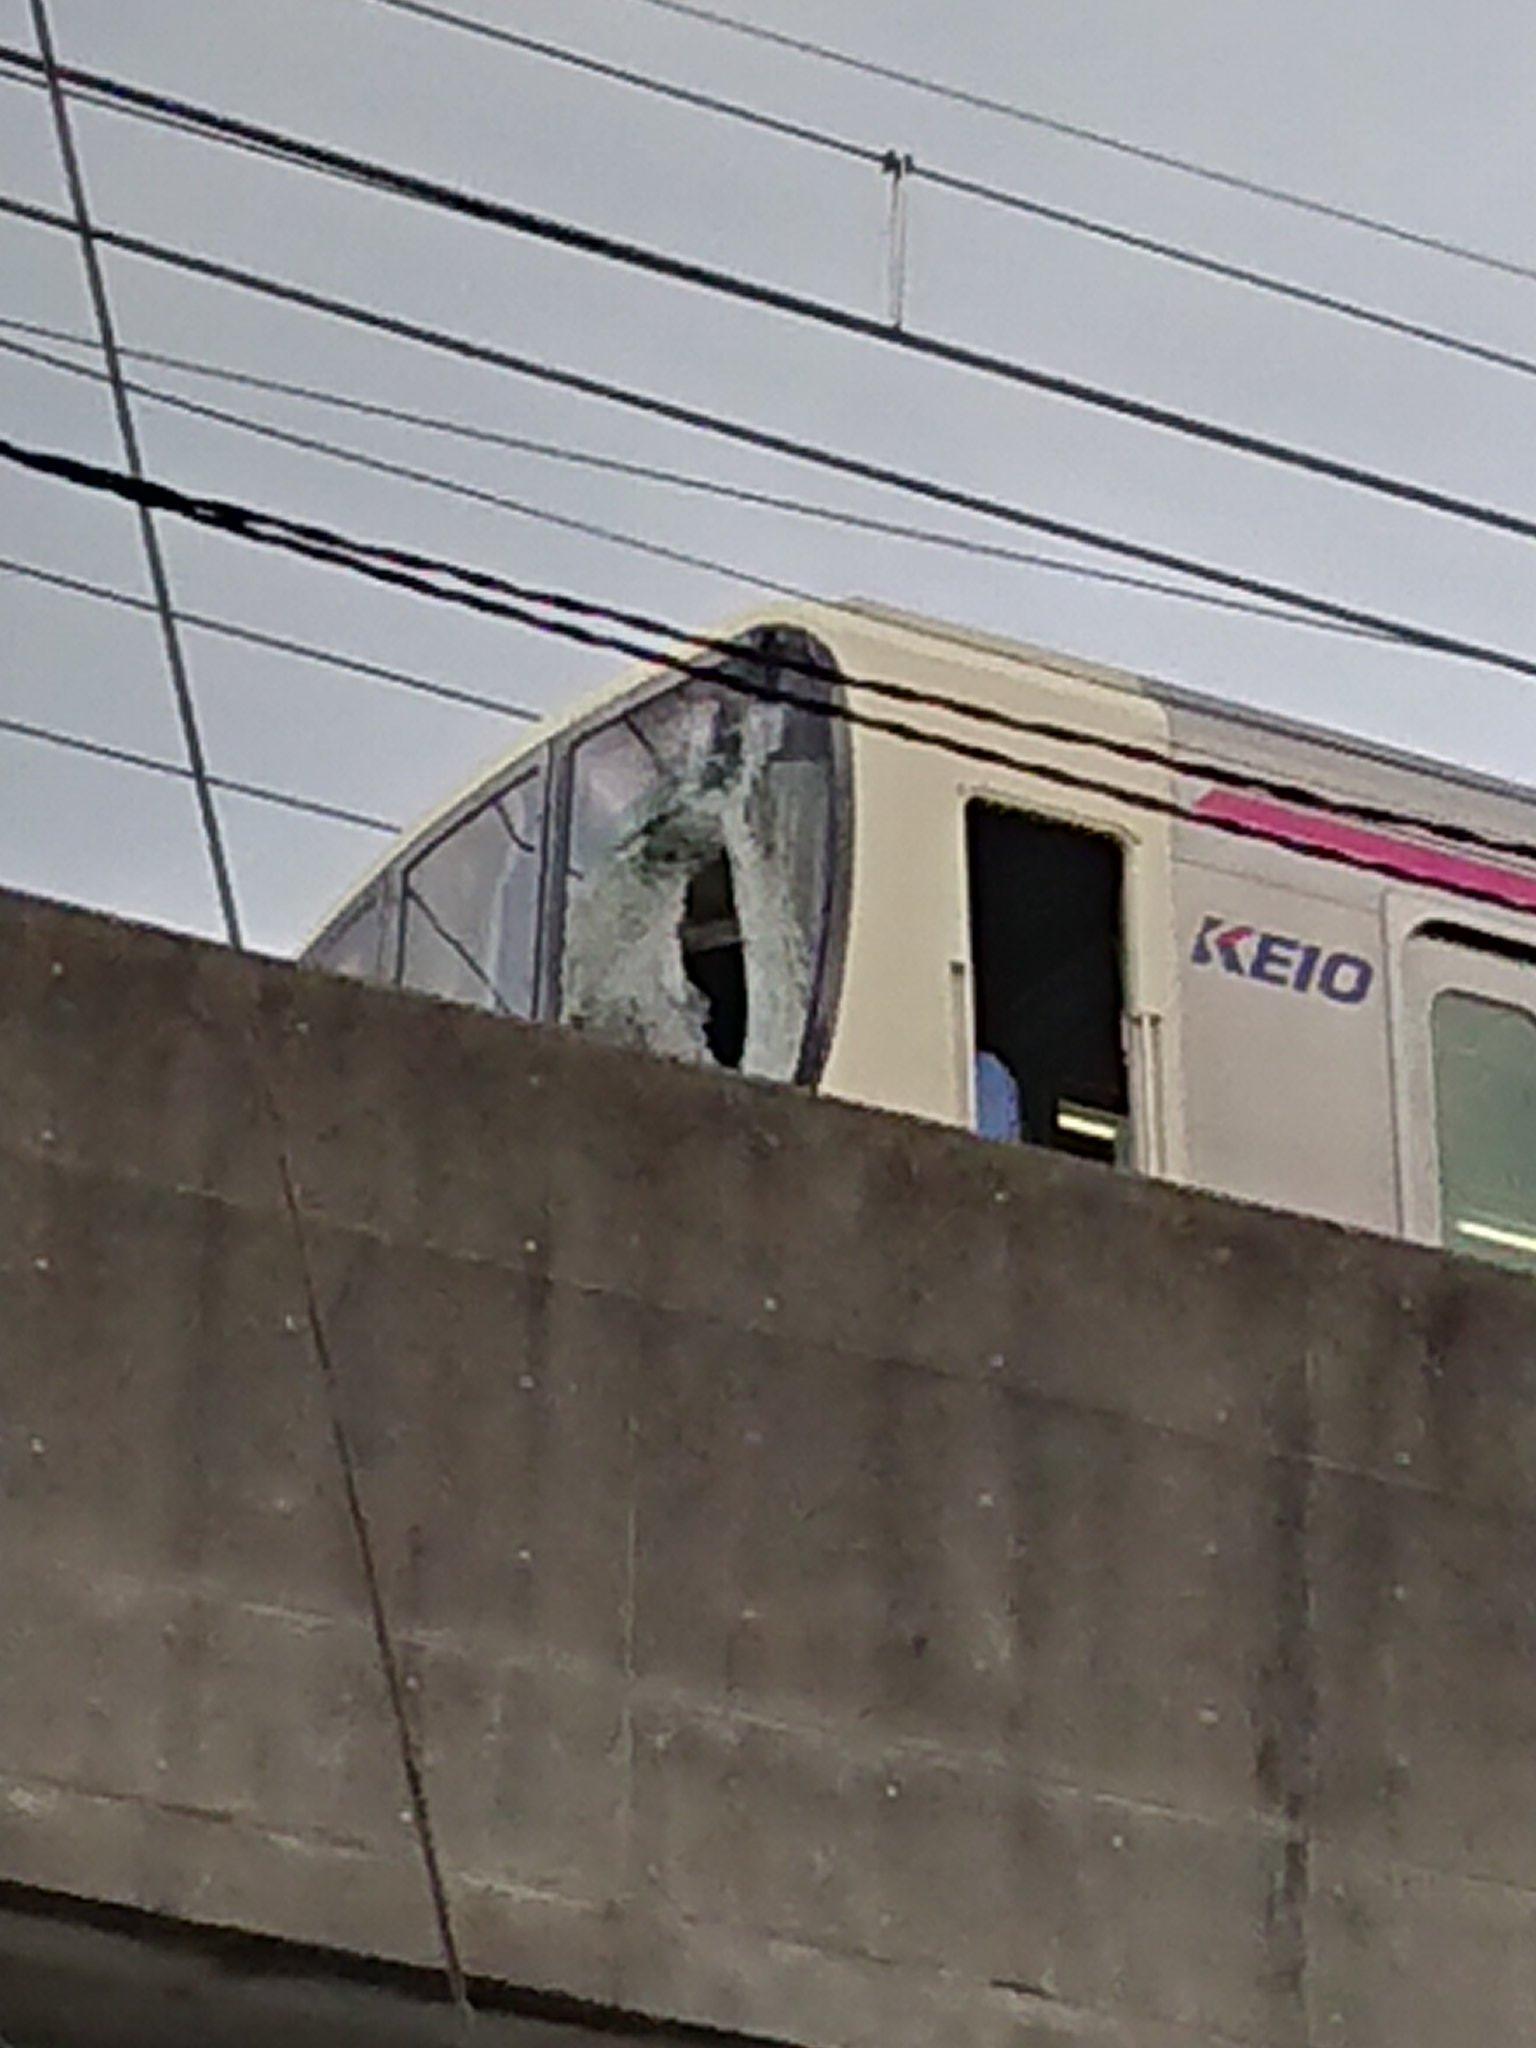 多摩境駅で人身事故が起きフロントガラスが割れている現場の画像